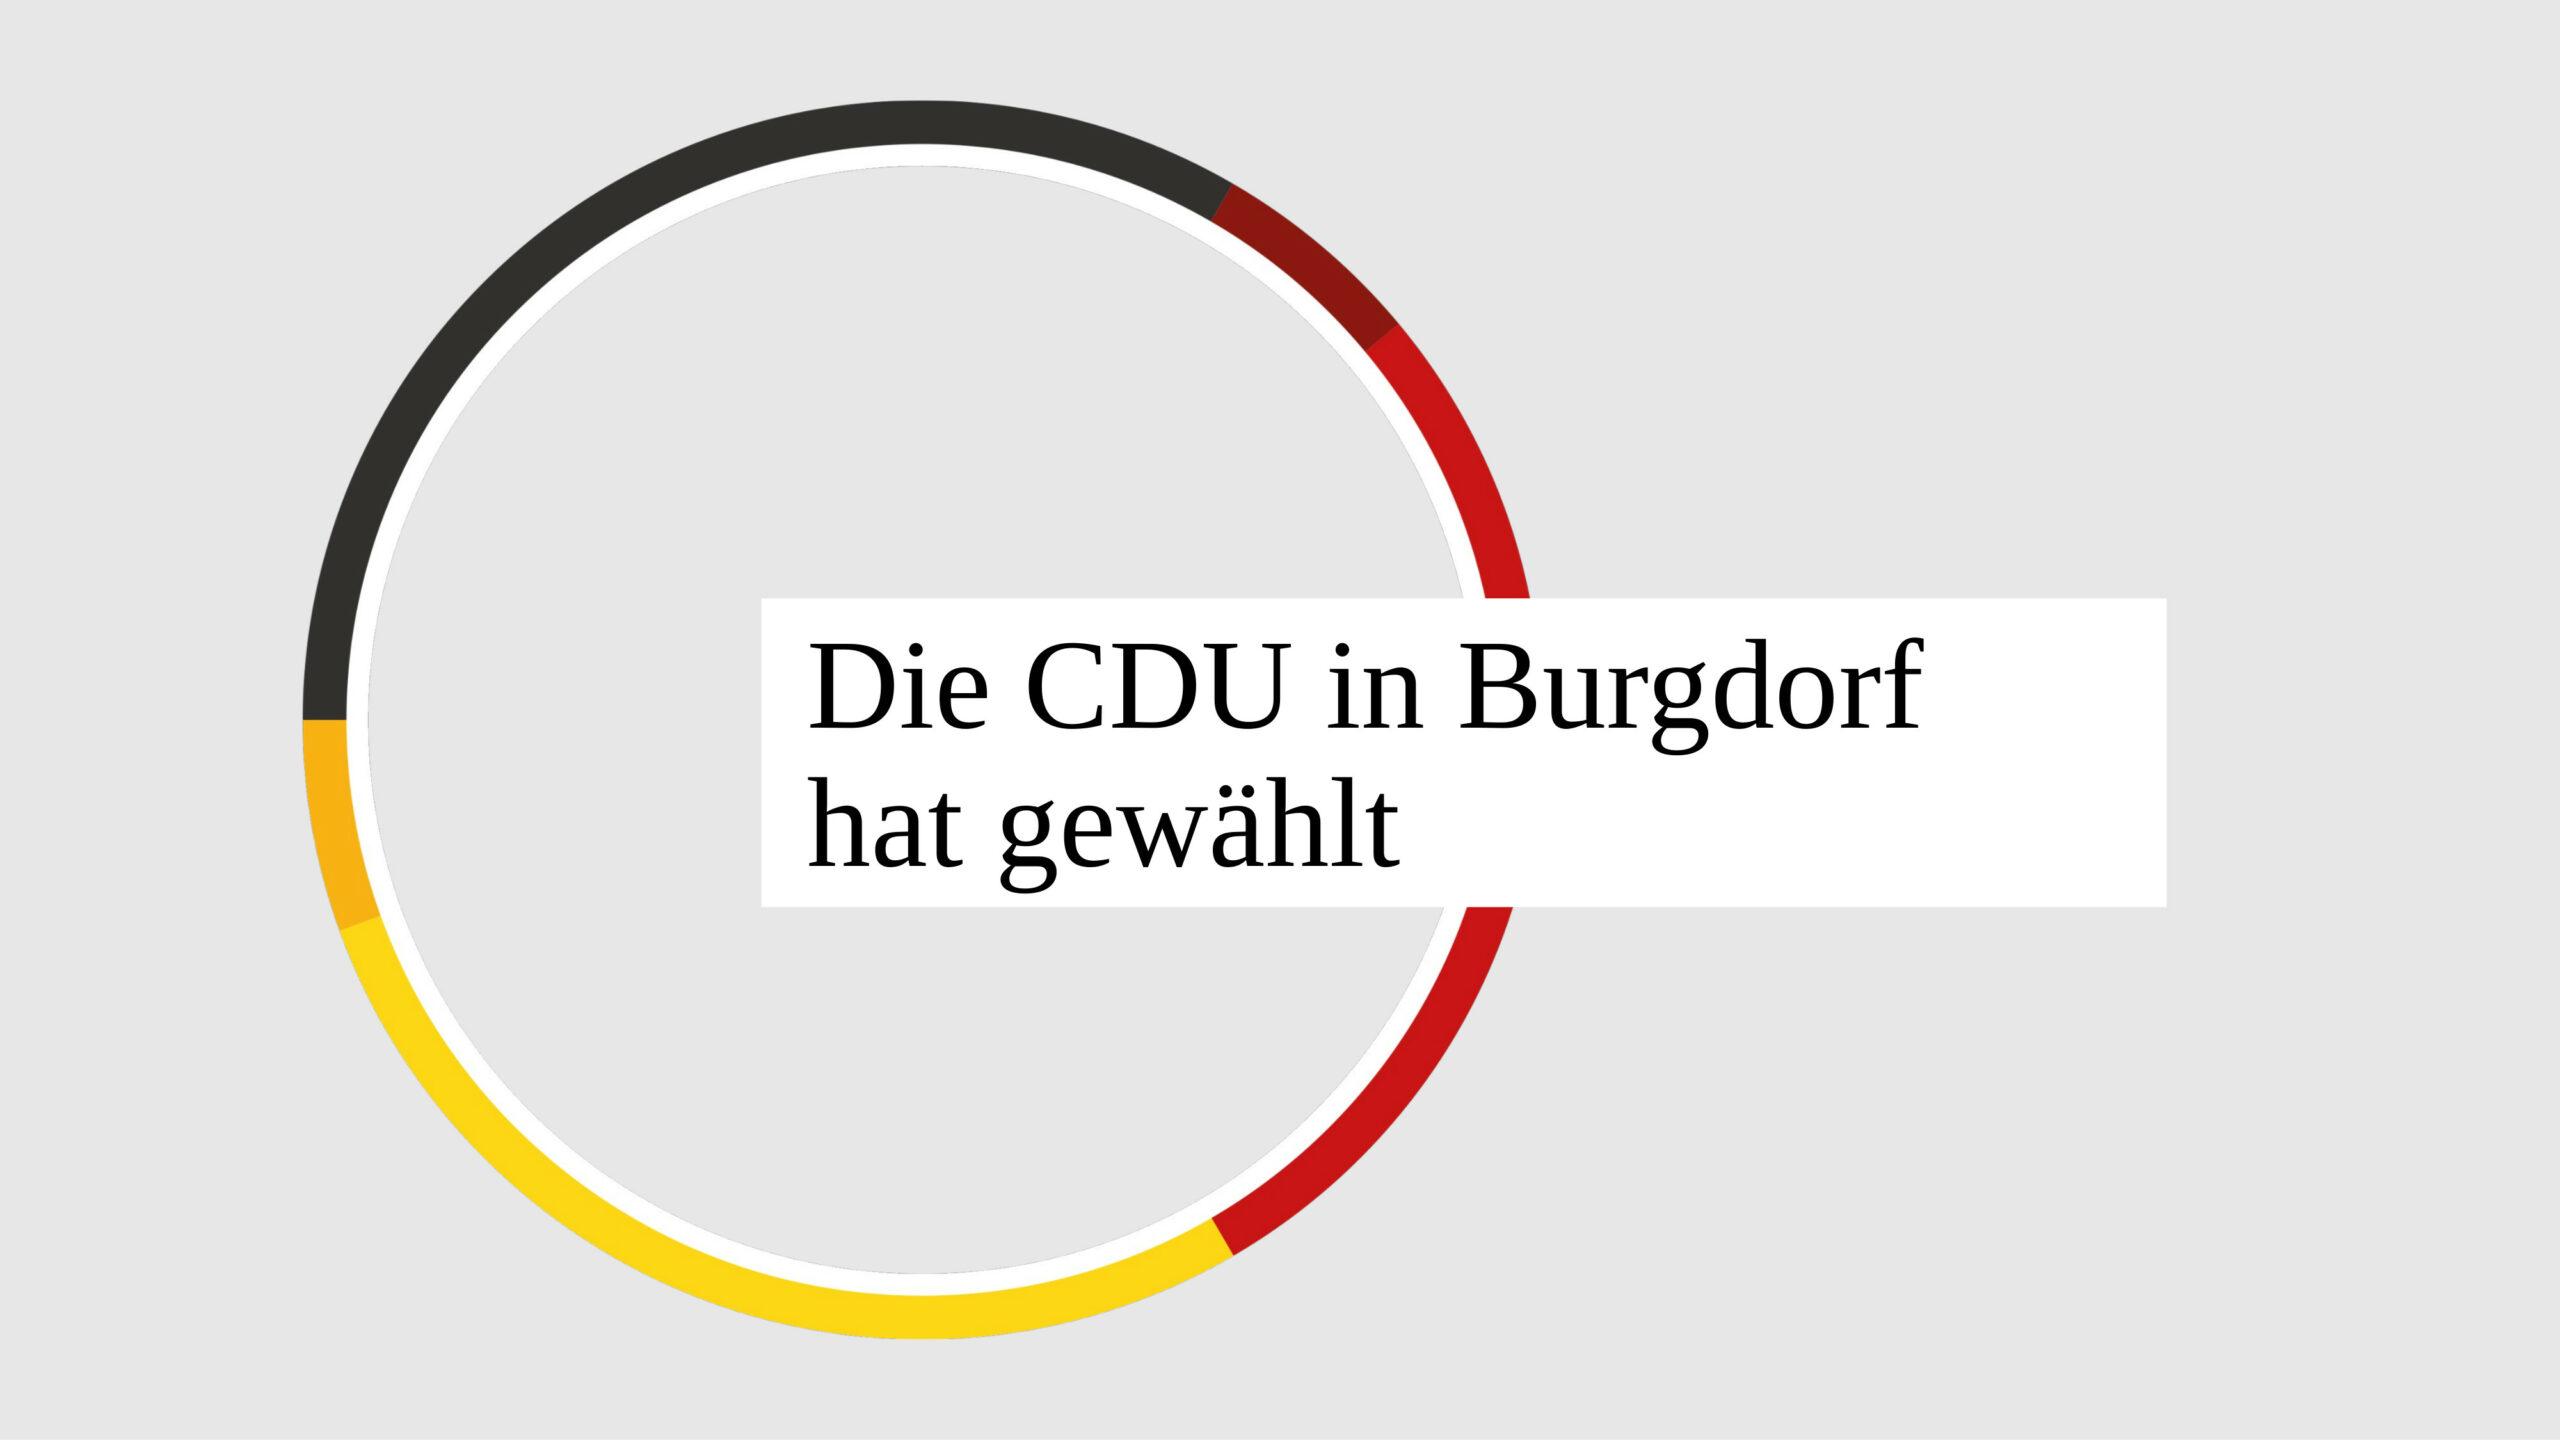 Die CDU in Burgdorf hat gewählt